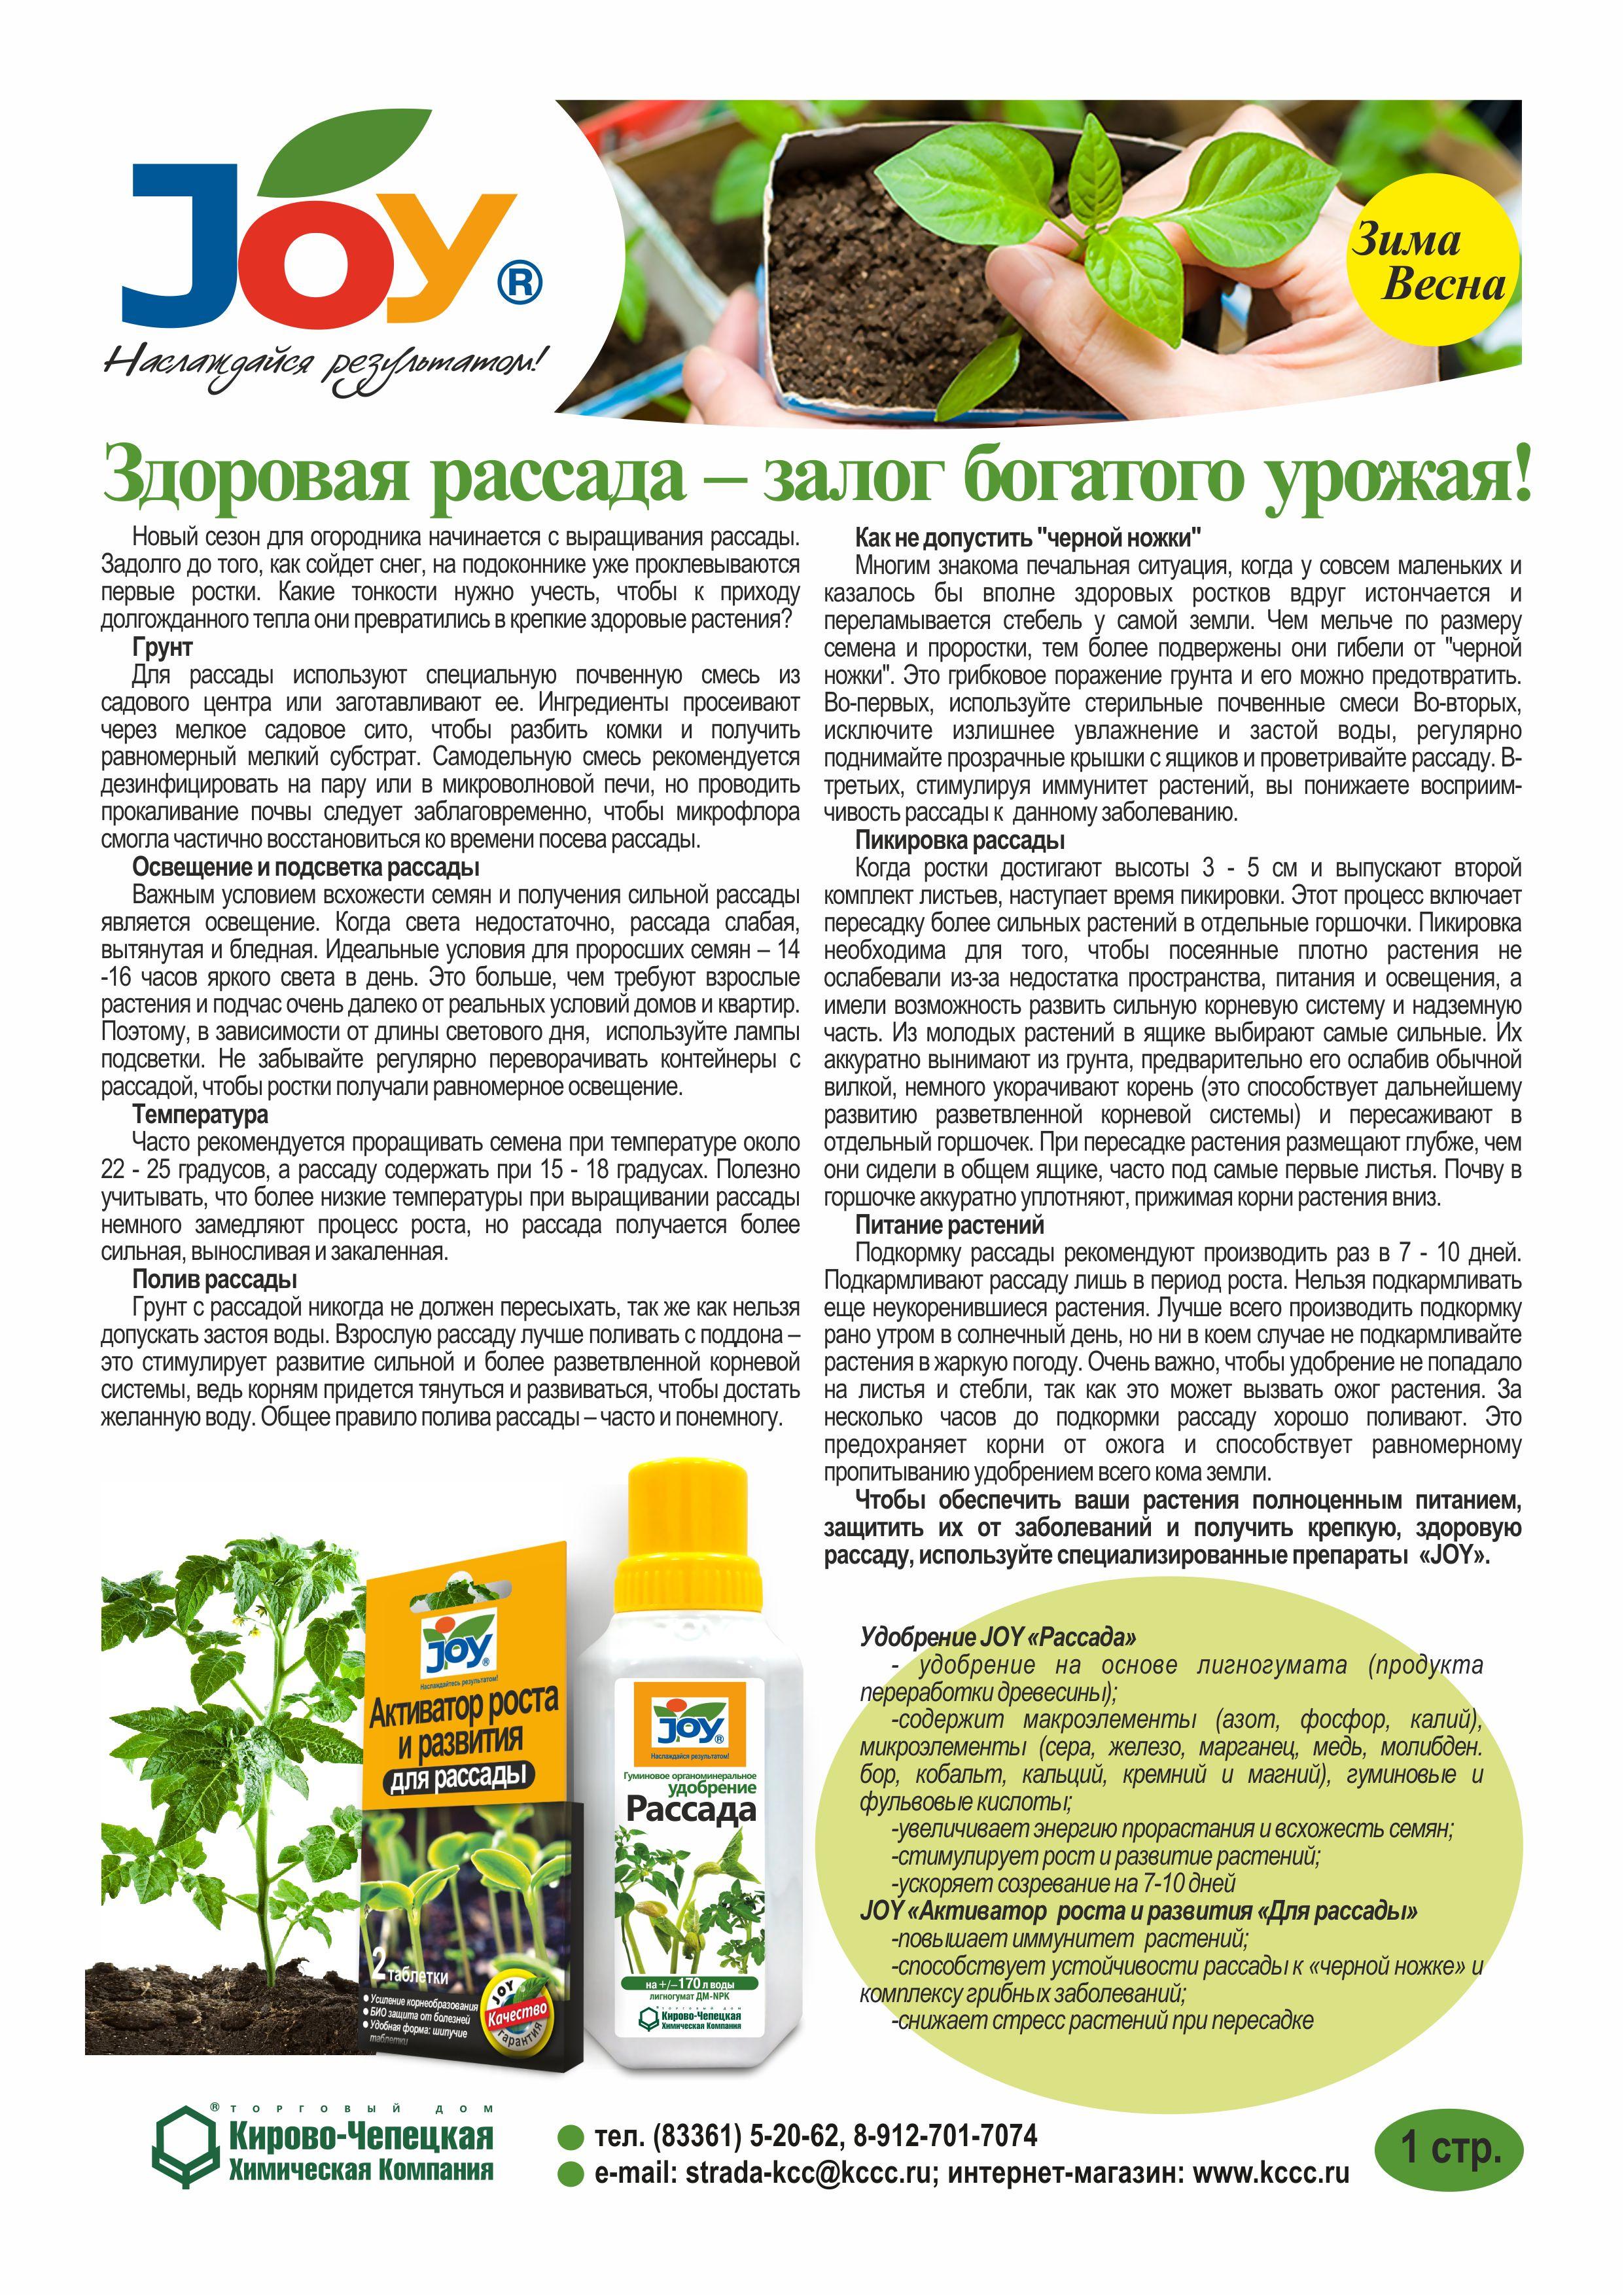 Рассада рост удобрение 7